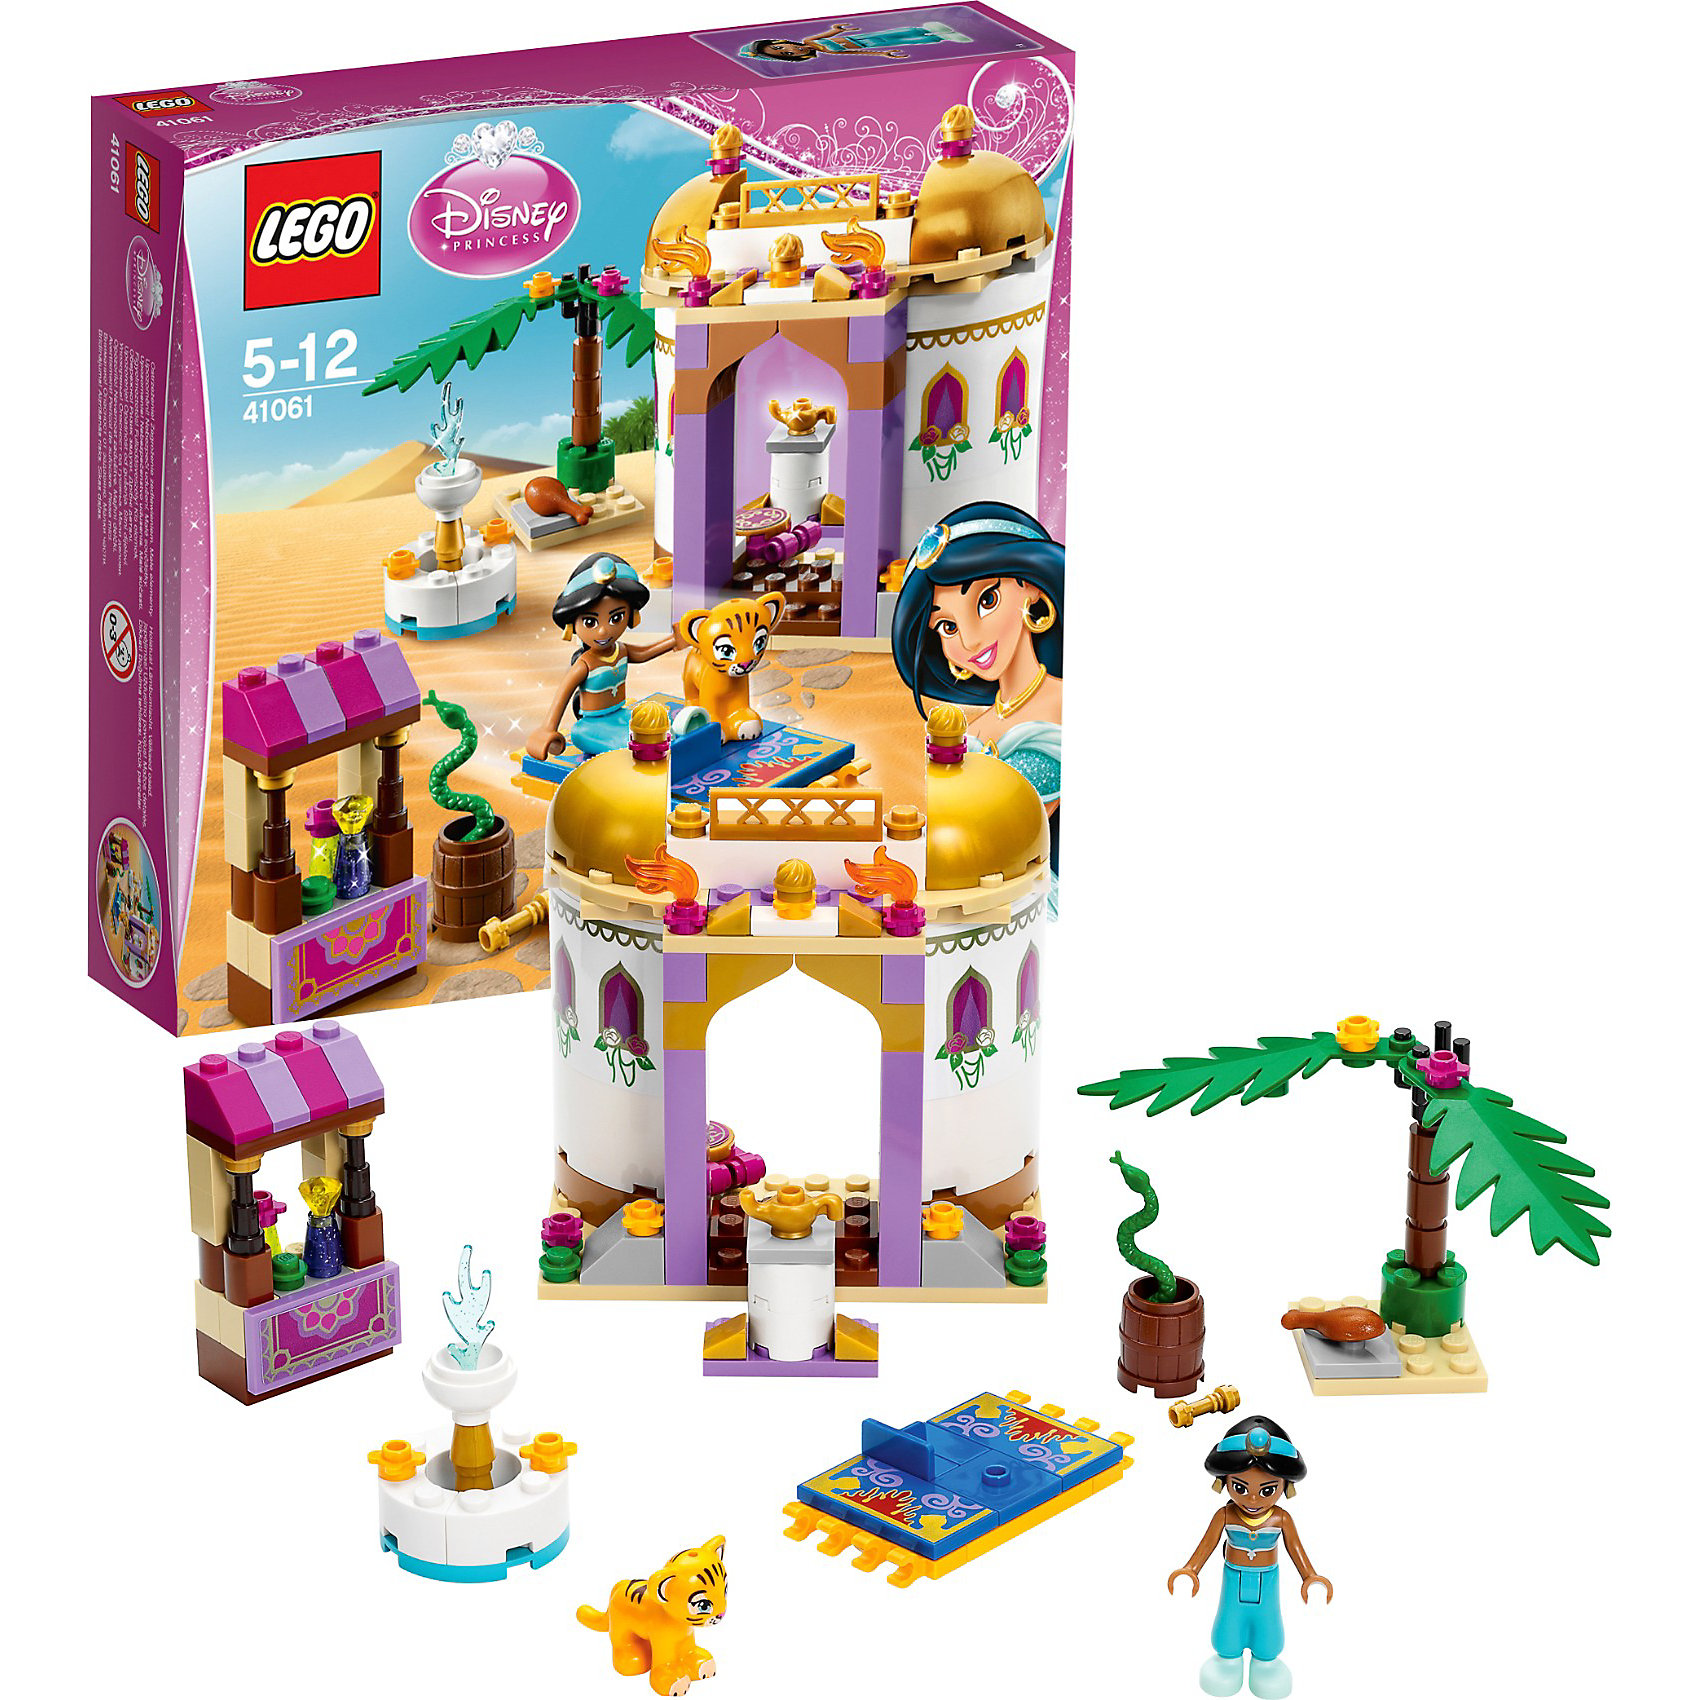 LEGO LEGO Disney Princesses 41061: Экзотический дворец Жасмин lego disney princess 41150 лего принцессы путешествие моаны через океан